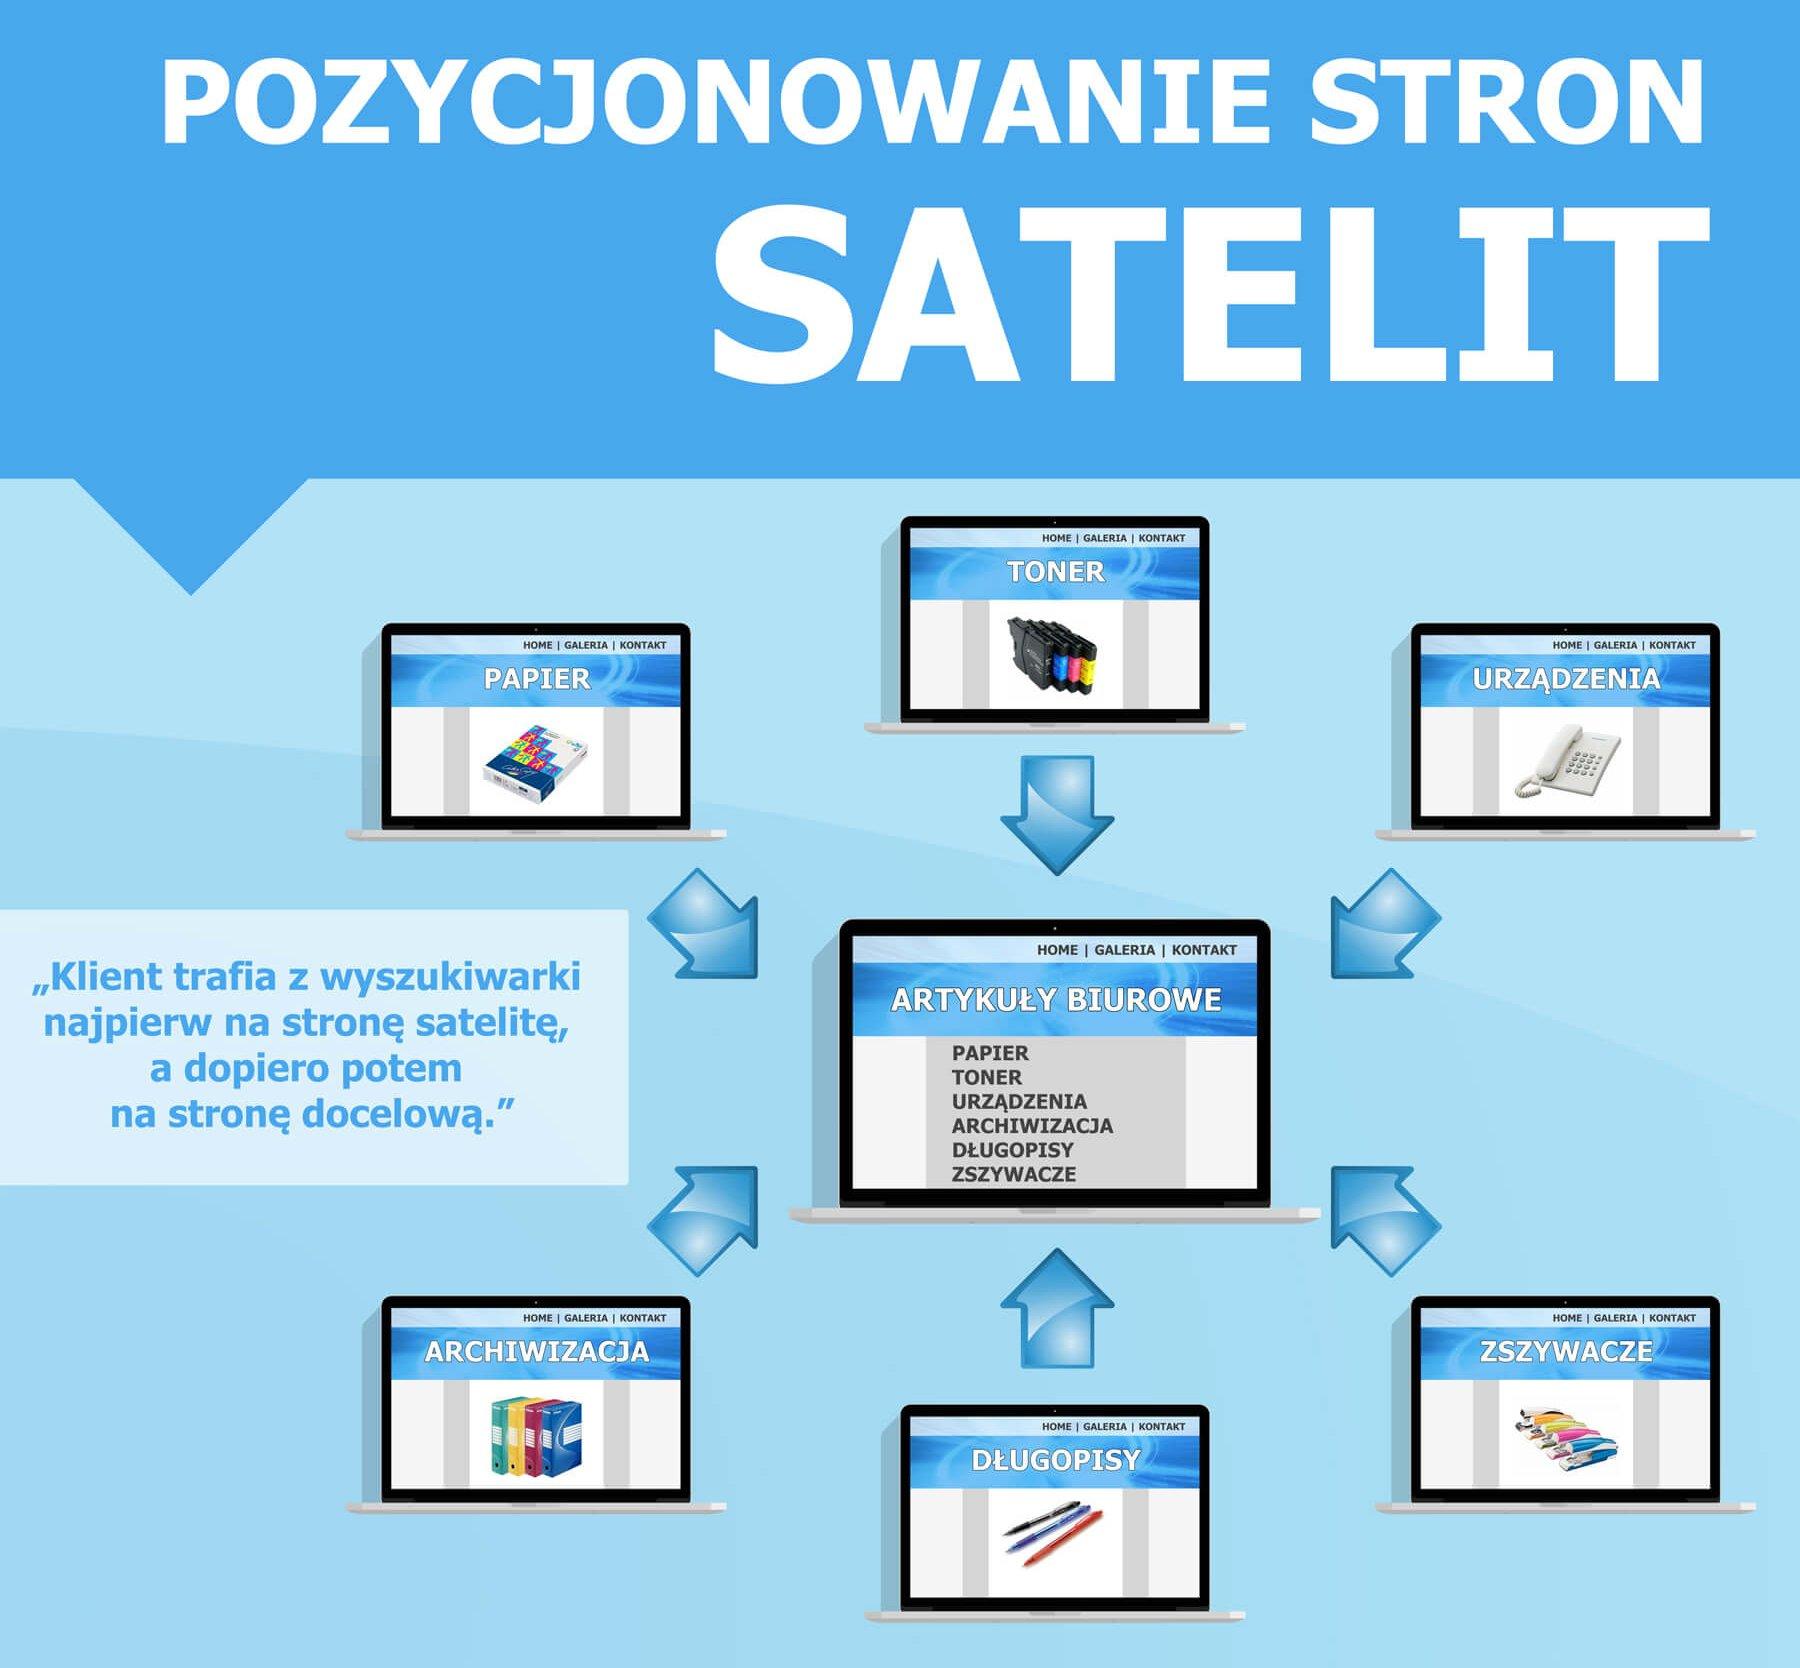 Pozycjonowanie satelitarne